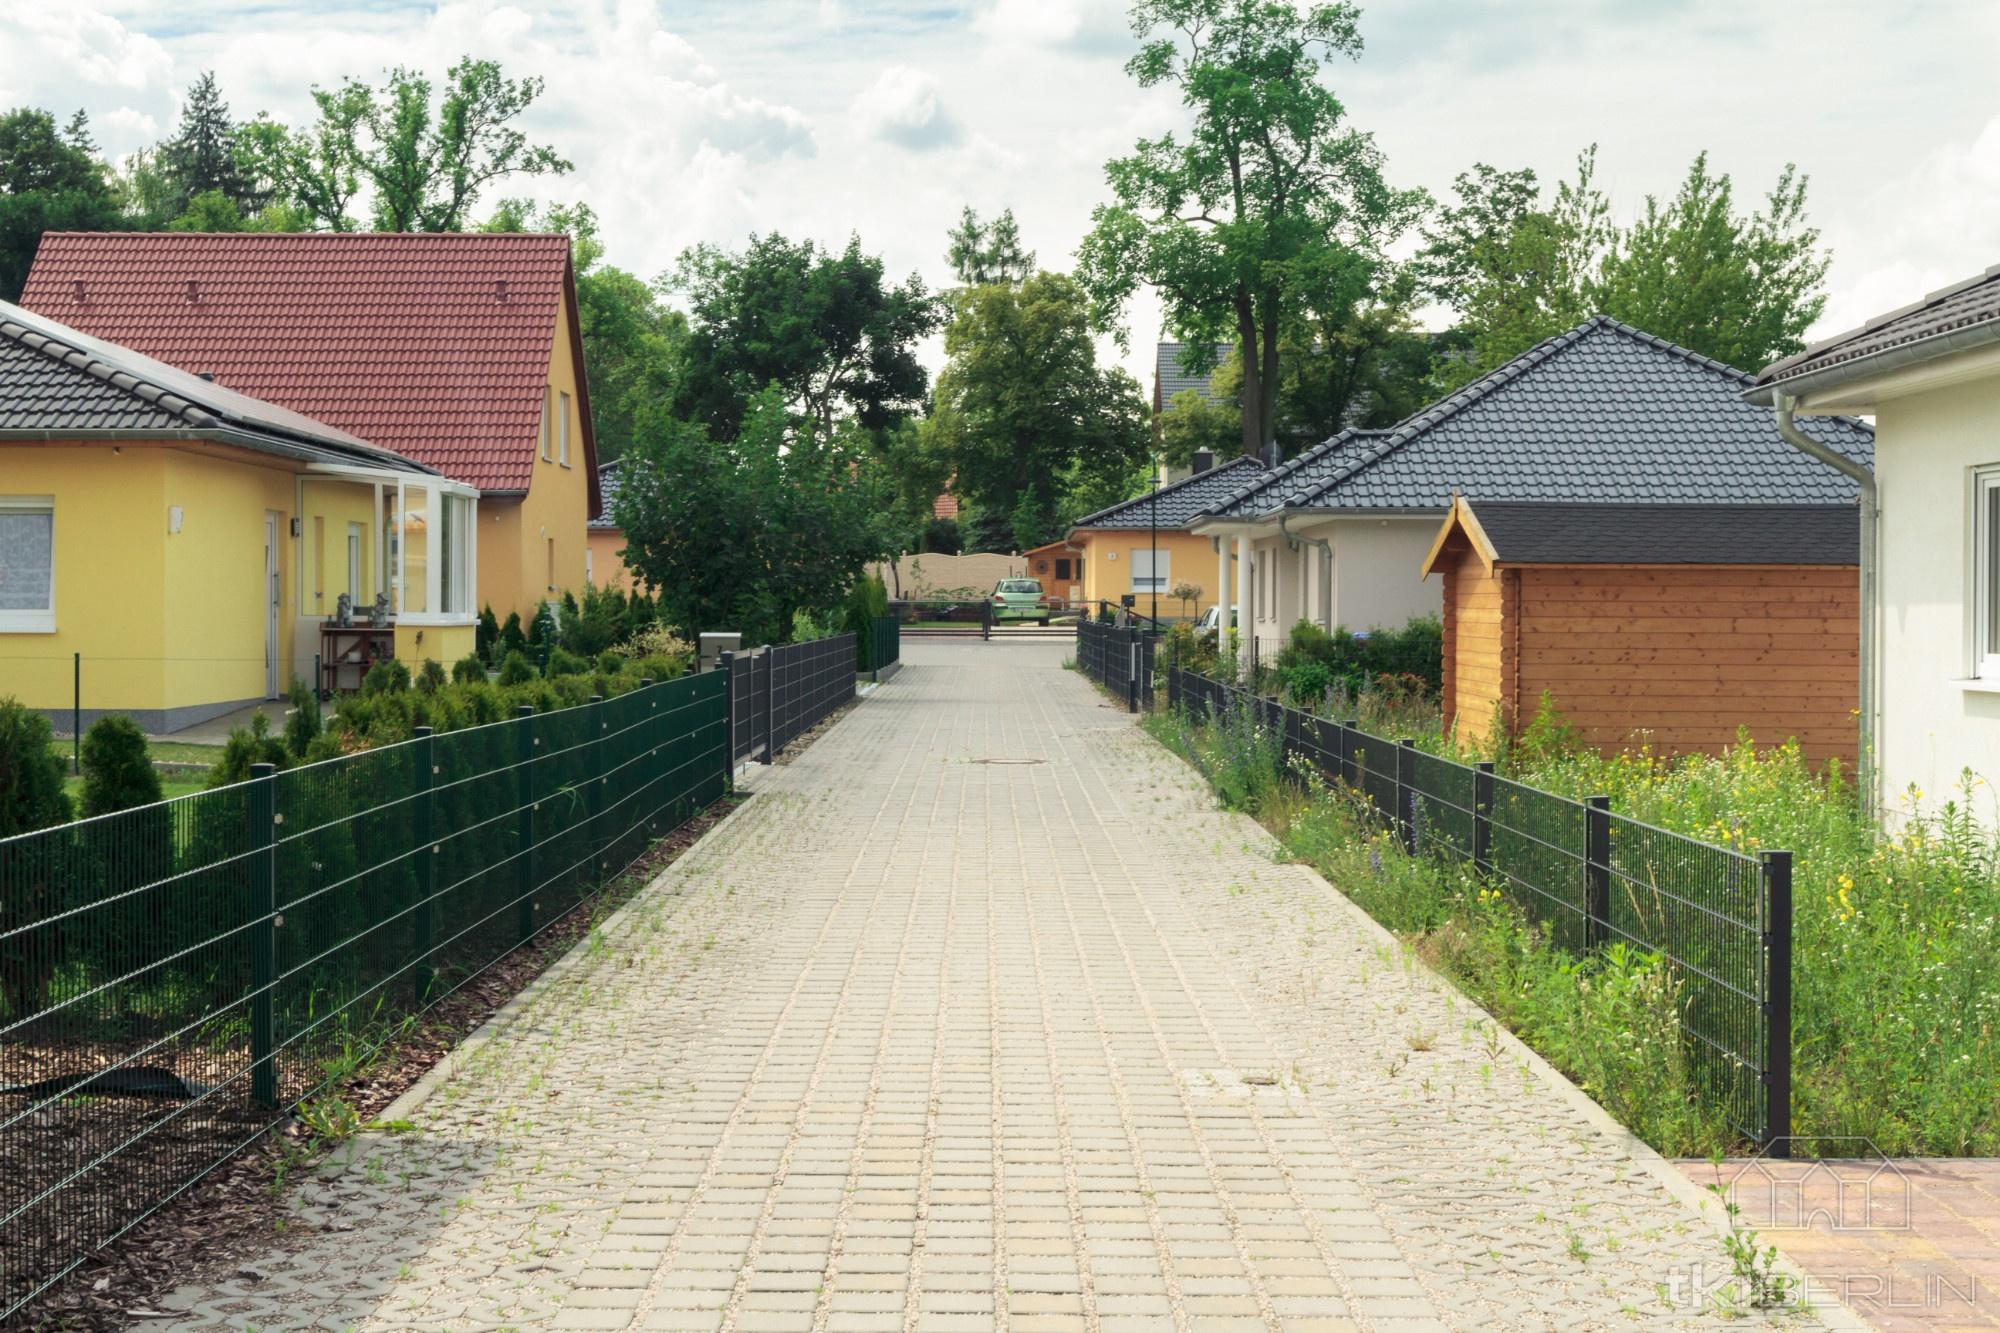 Bungalow in Bernau bei Berlin 78 m²